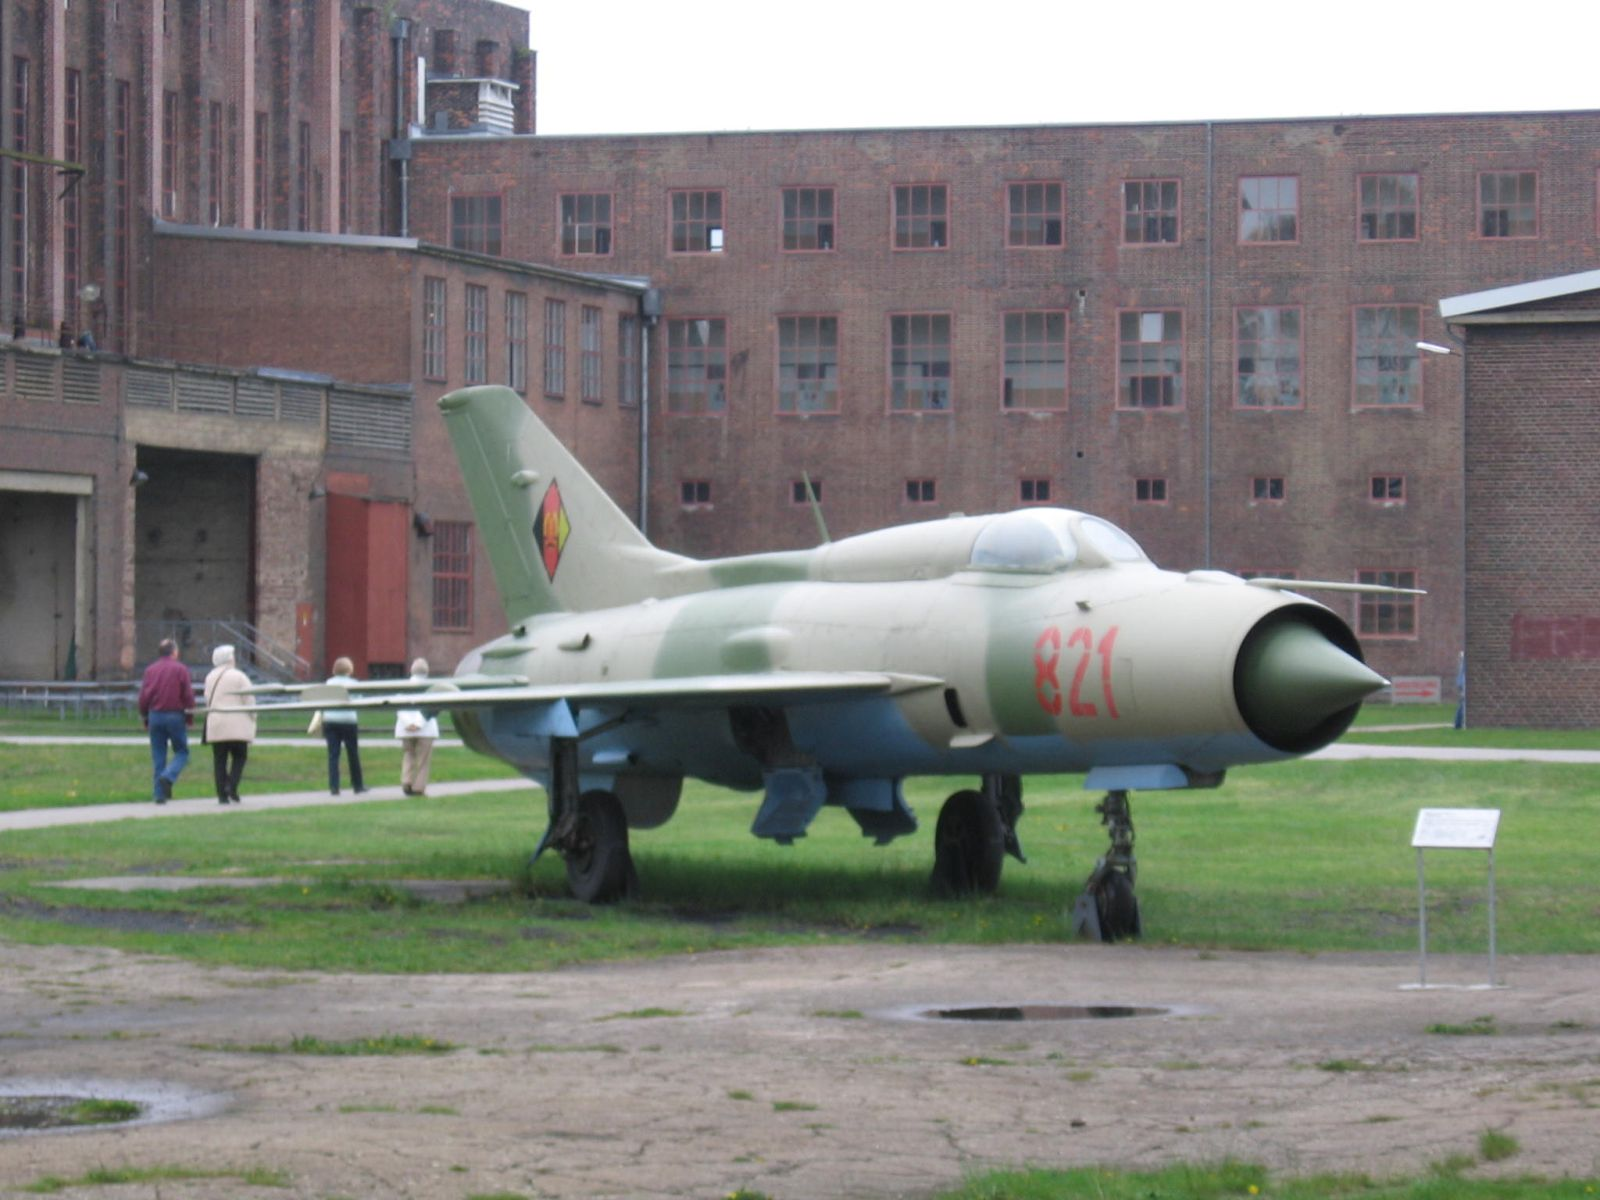 MiG 21 (航空機)の画像 p1_38